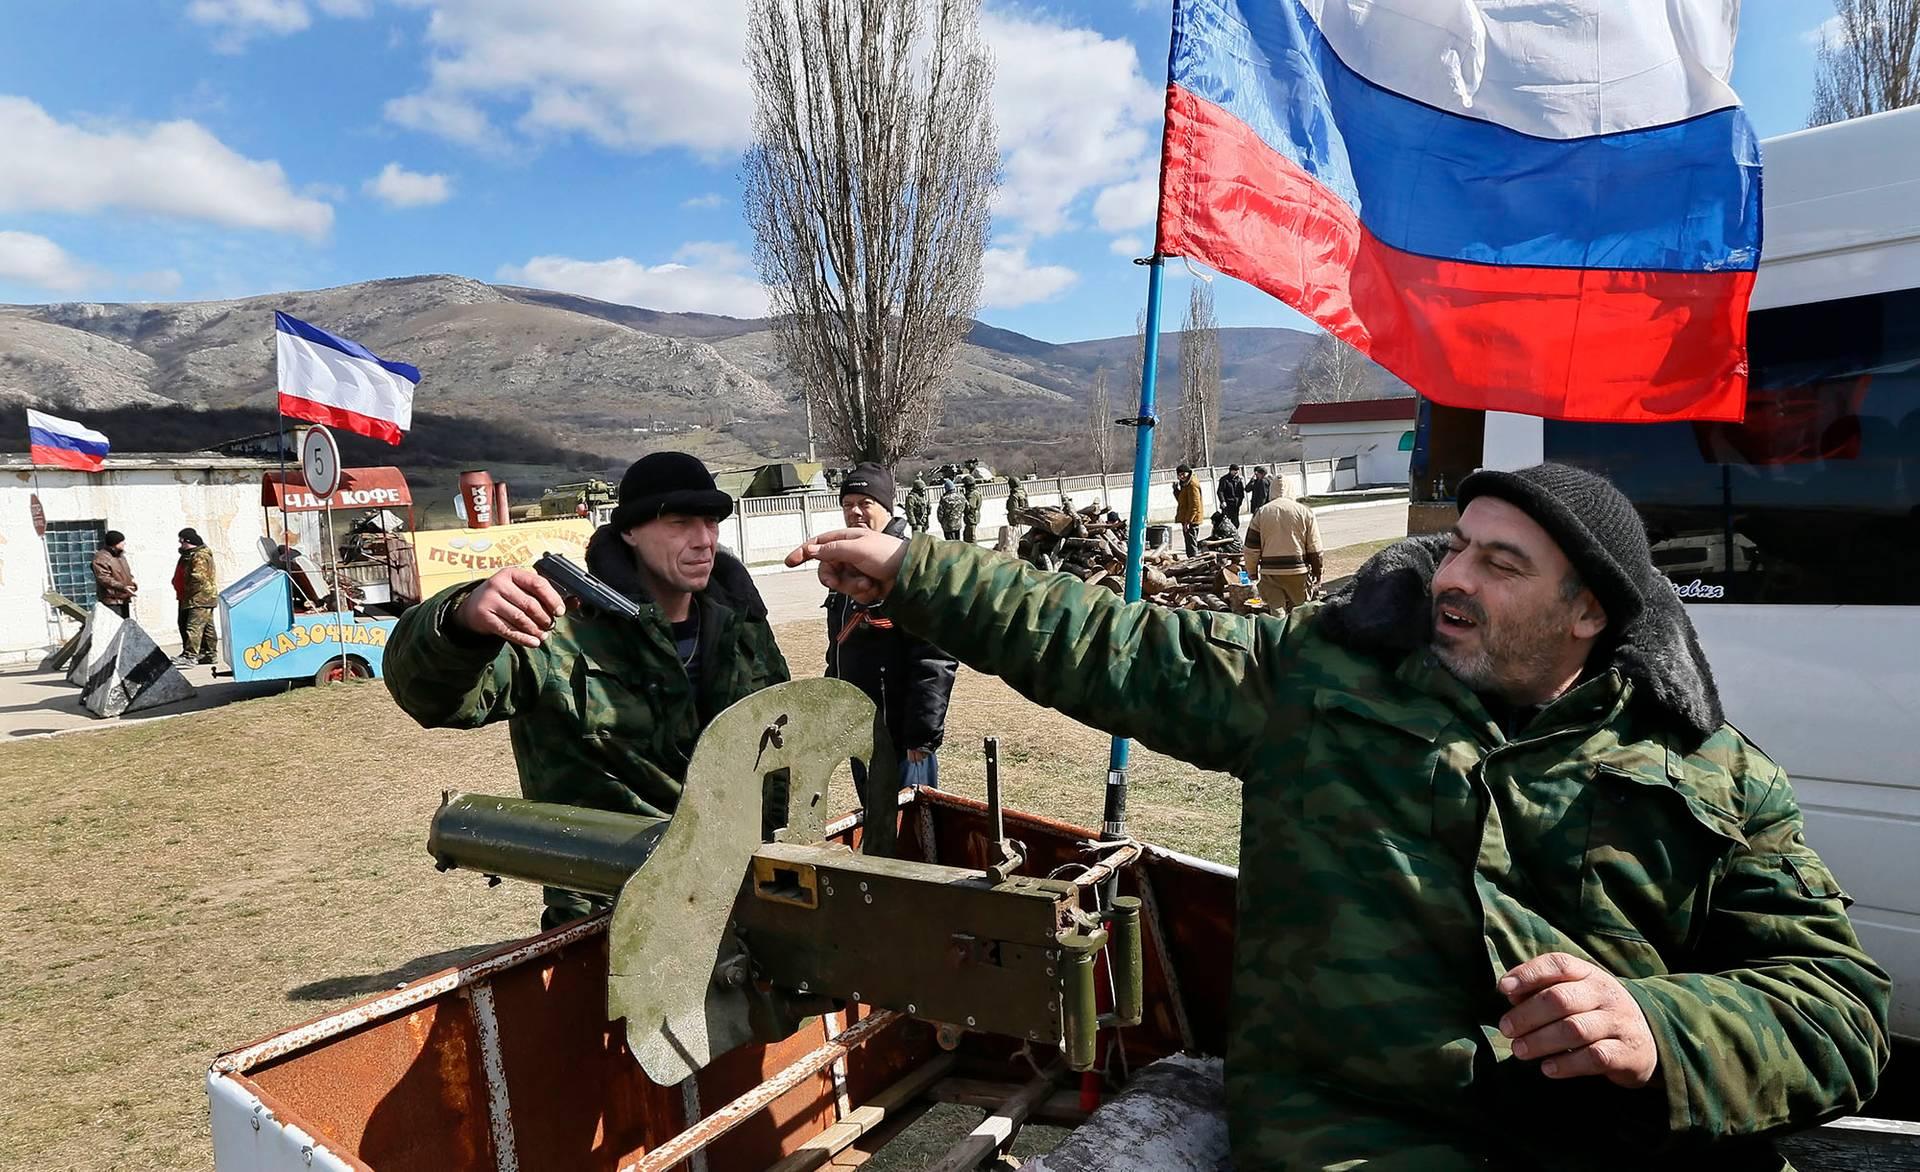 Російські військові та так звані члени «самооборони Криму» блокують українську військову частину в селі Перевальне неподалік Сімферополя напередодні «штучного референдуму», Крим, 13 березня 2014 року